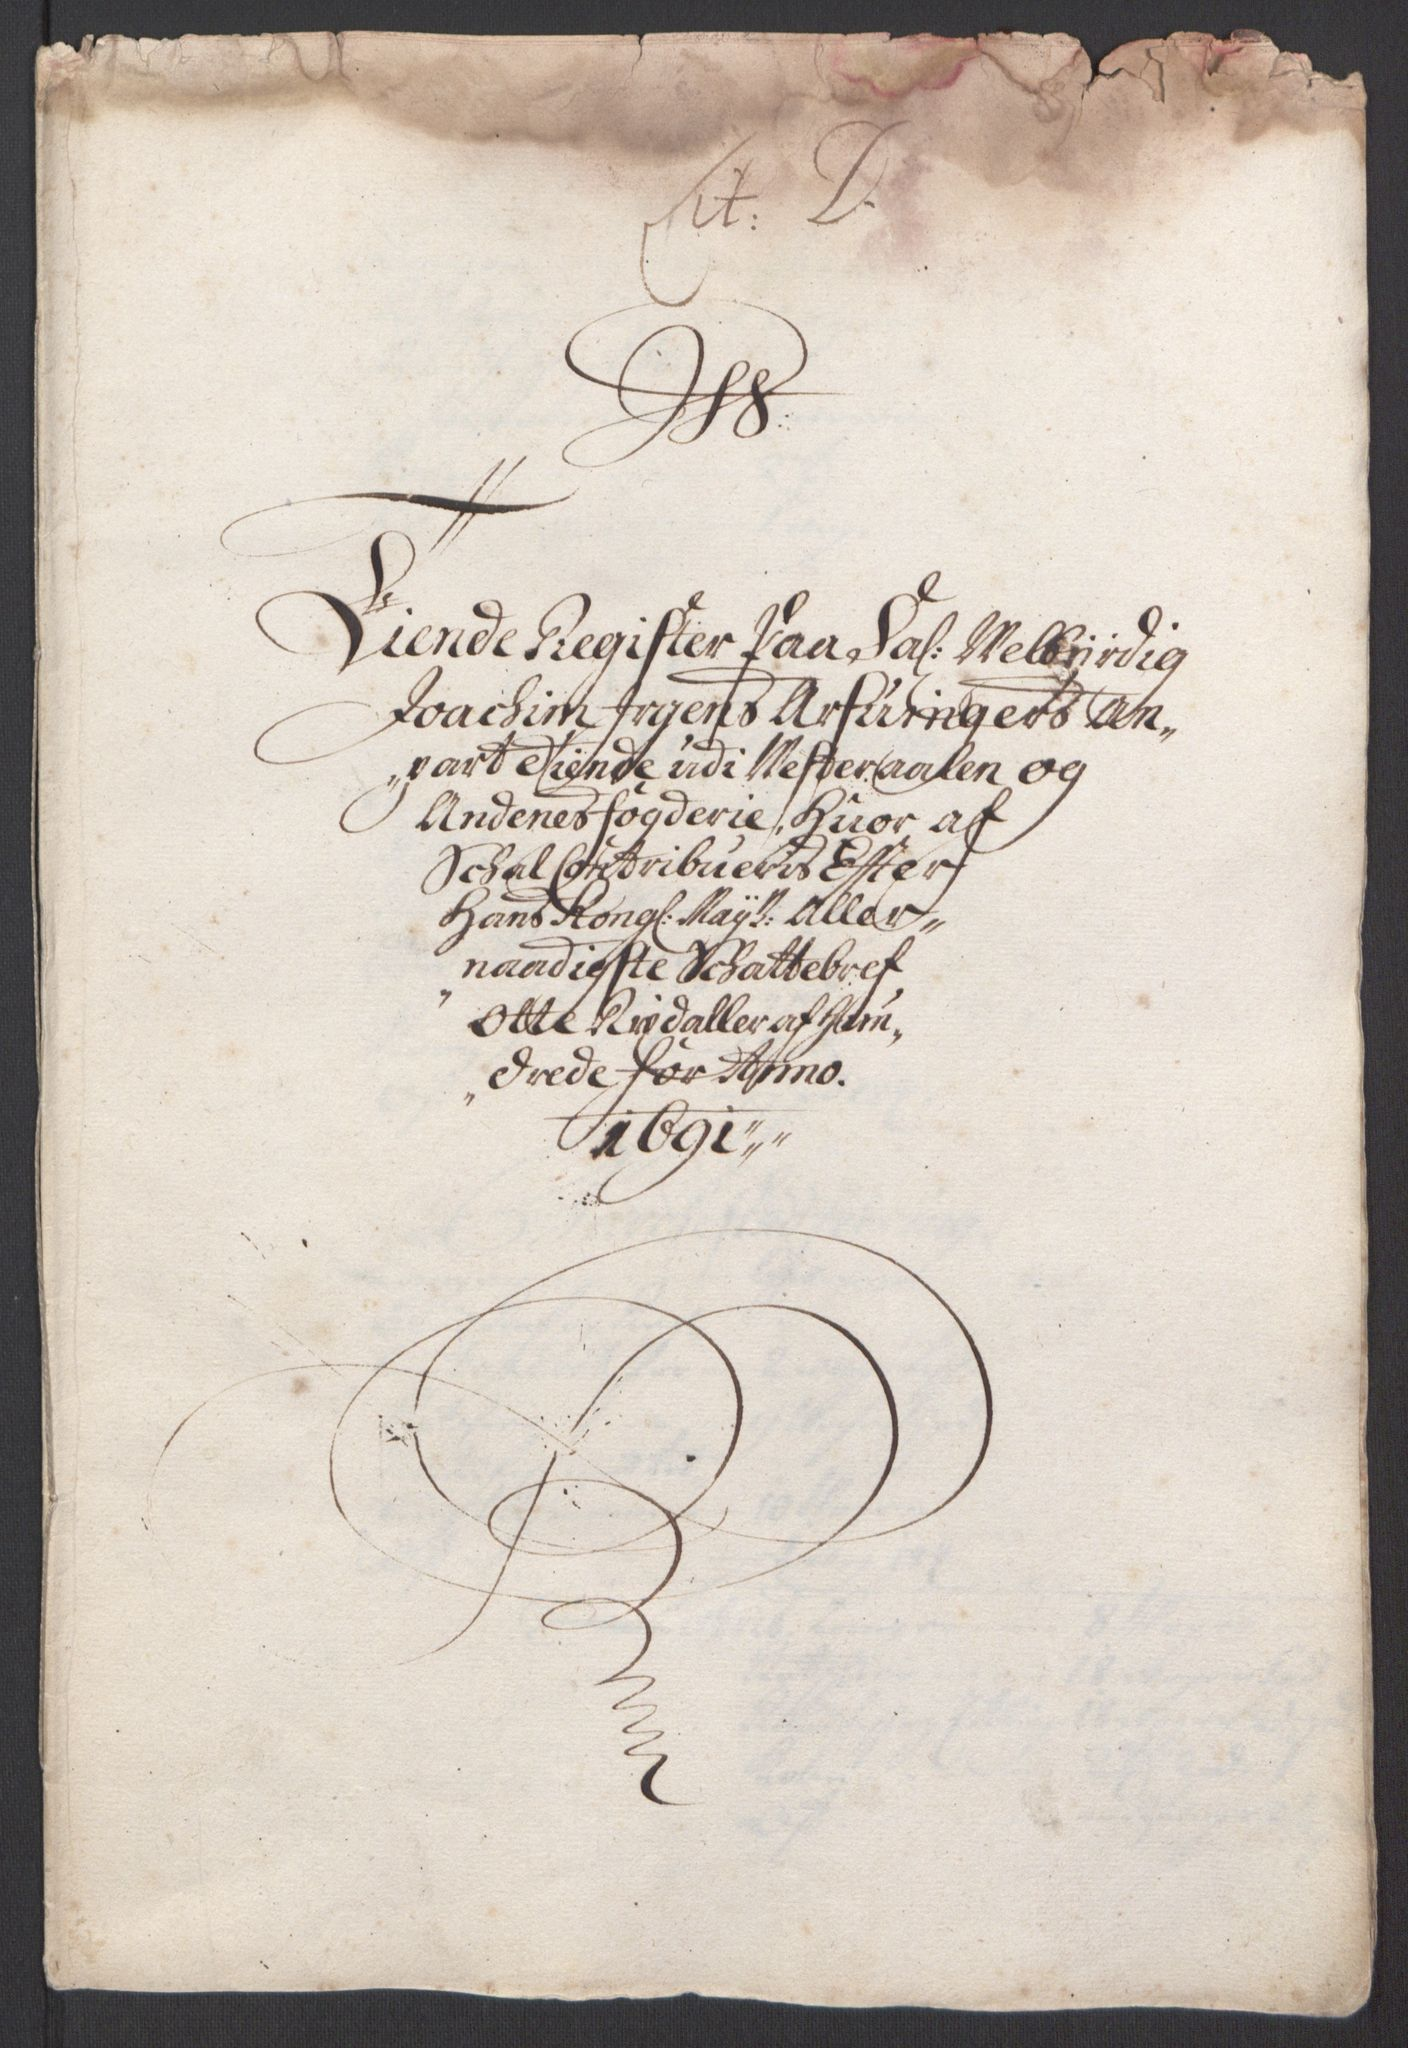 RA, Rentekammeret inntil 1814, Reviderte regnskaper, Fogderegnskap, R67/L4676: Fogderegnskap Vesterålen, Andenes og Lofoten, 1691-1693, s. 27